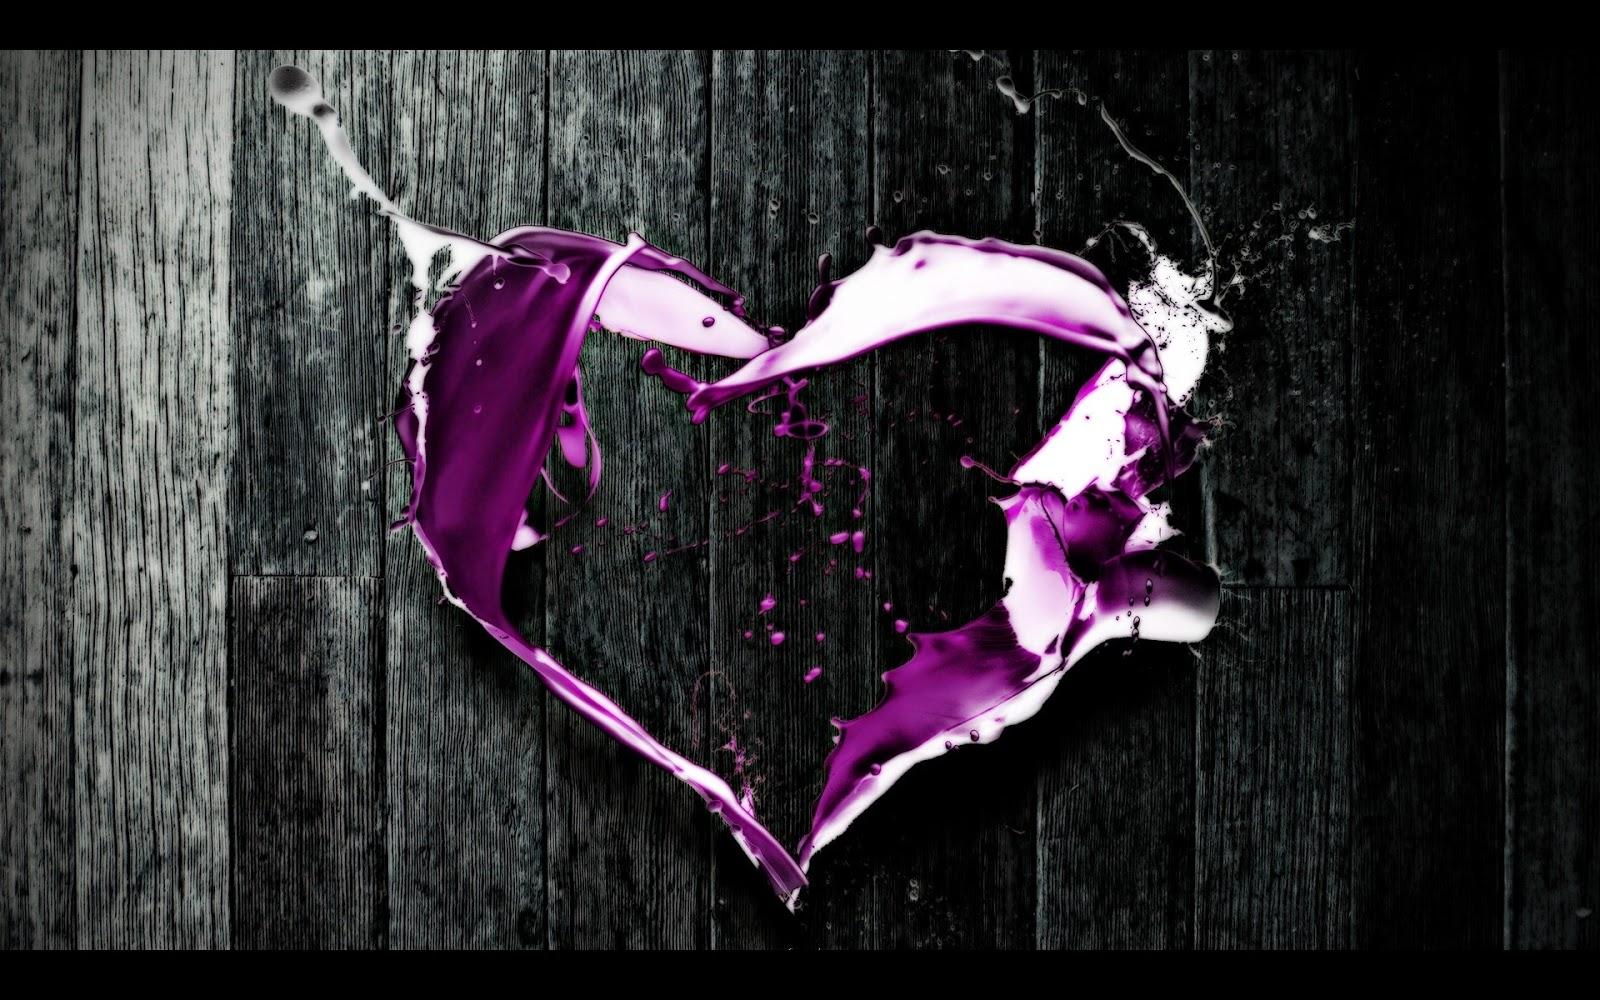 Purple Love Wallpaper: Purple Heart Abstract Art HD Wallpaper